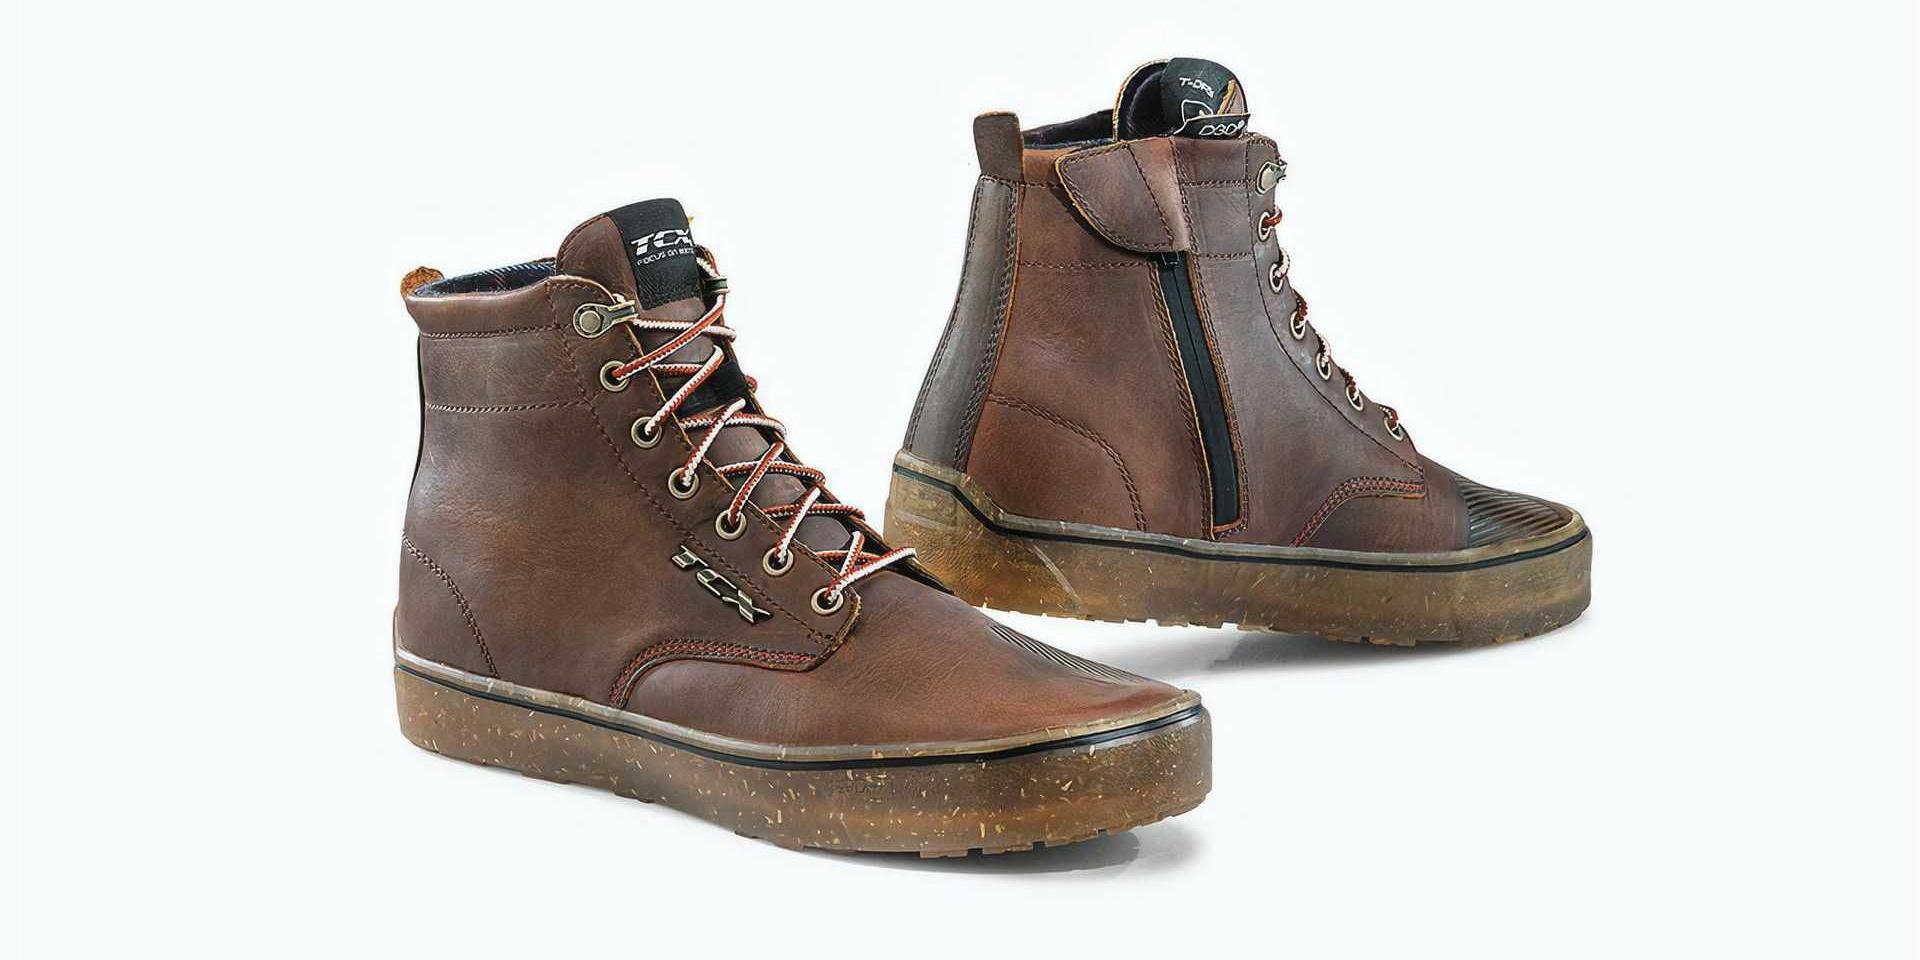 時尚與實用,兩者兼具。義大利 TCX 防水復古休閒車靴